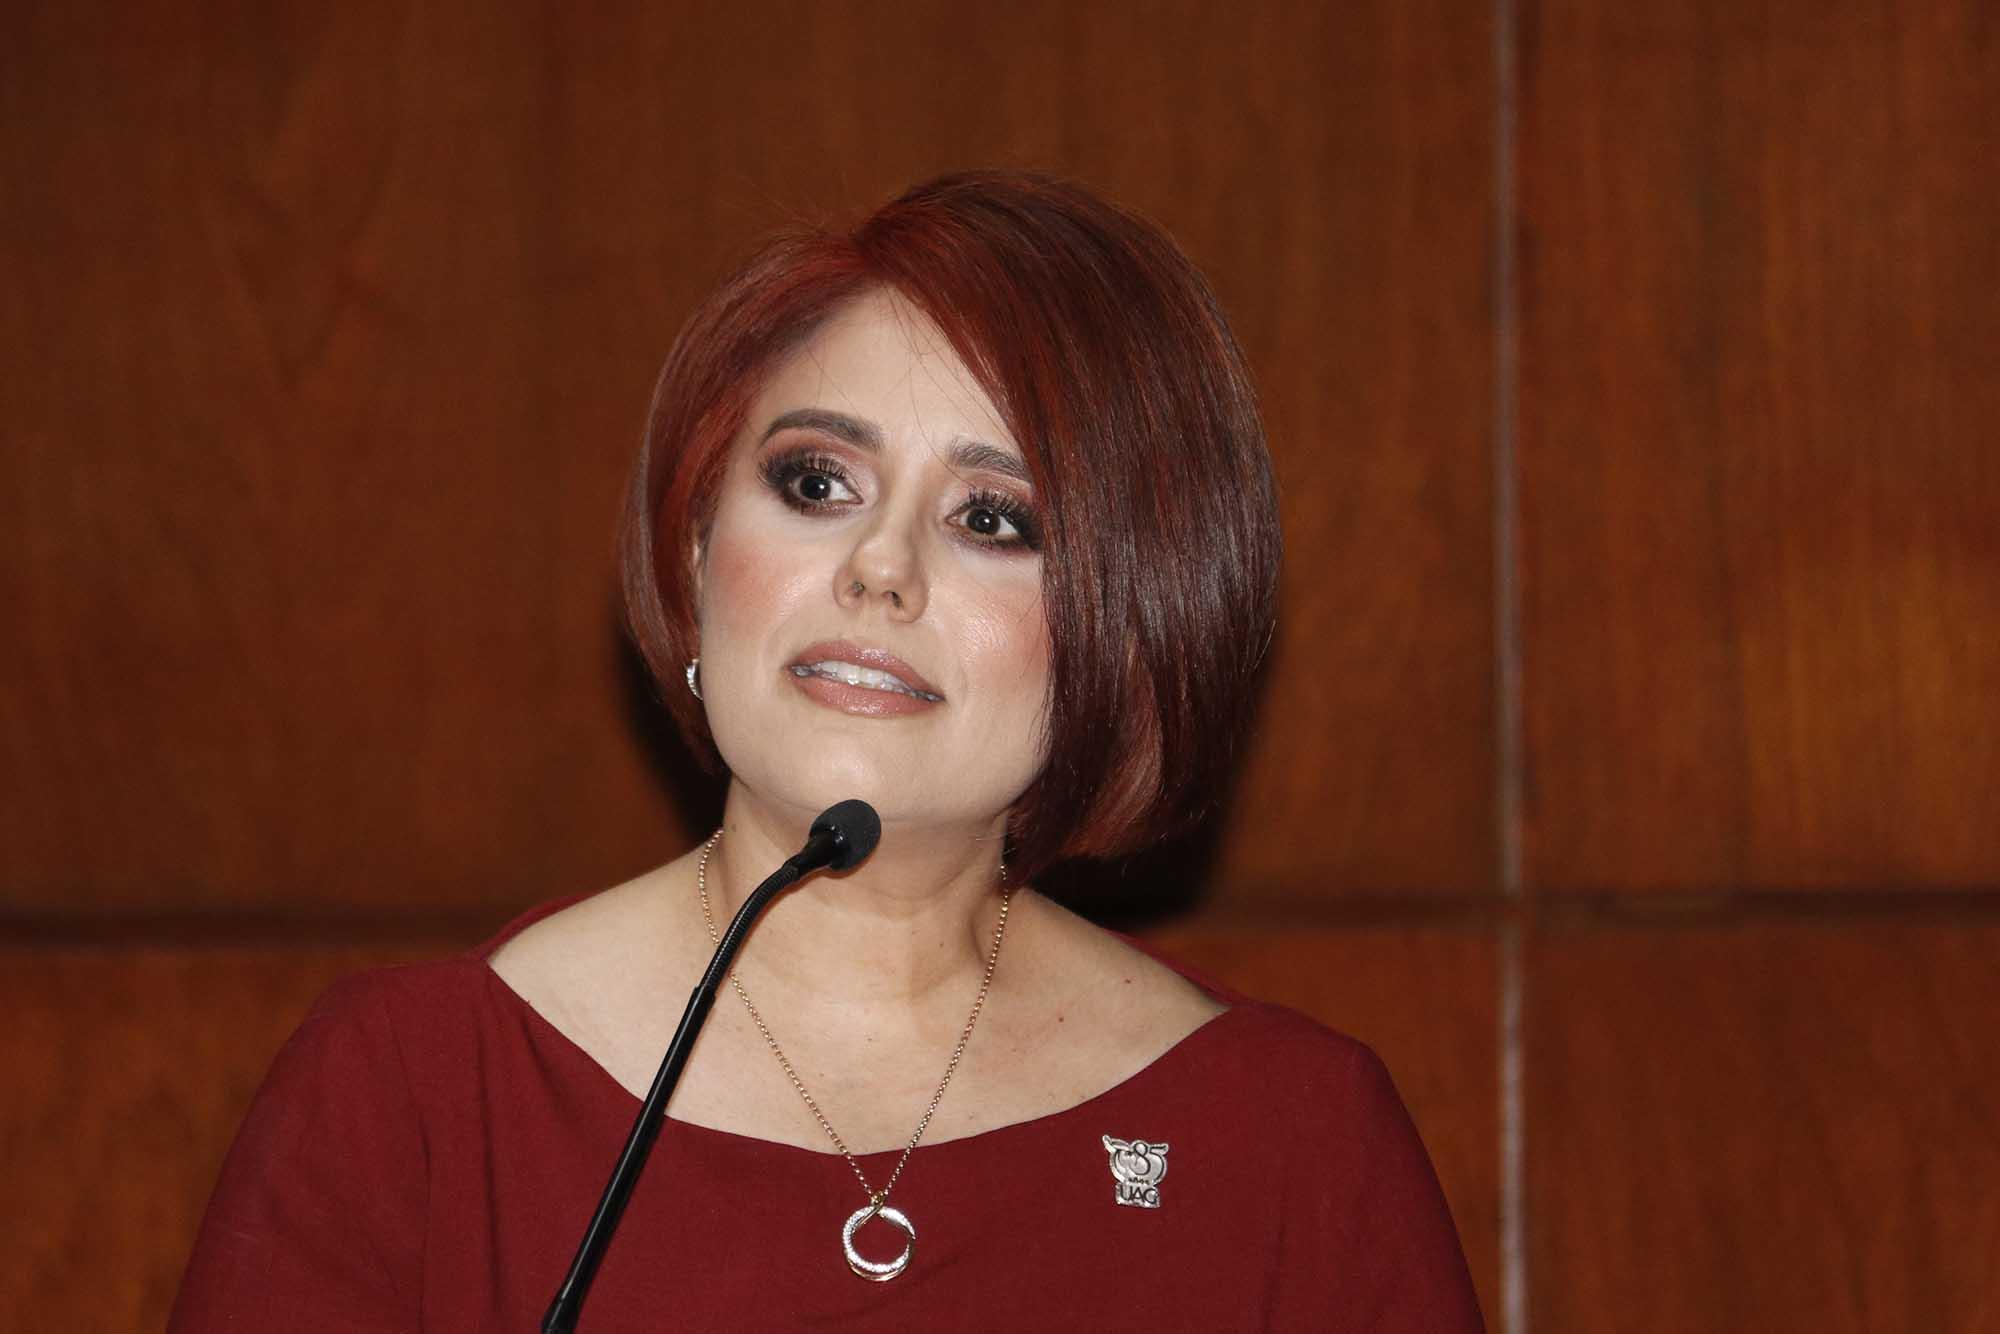 Mónica Bañuelos Contreras 070121